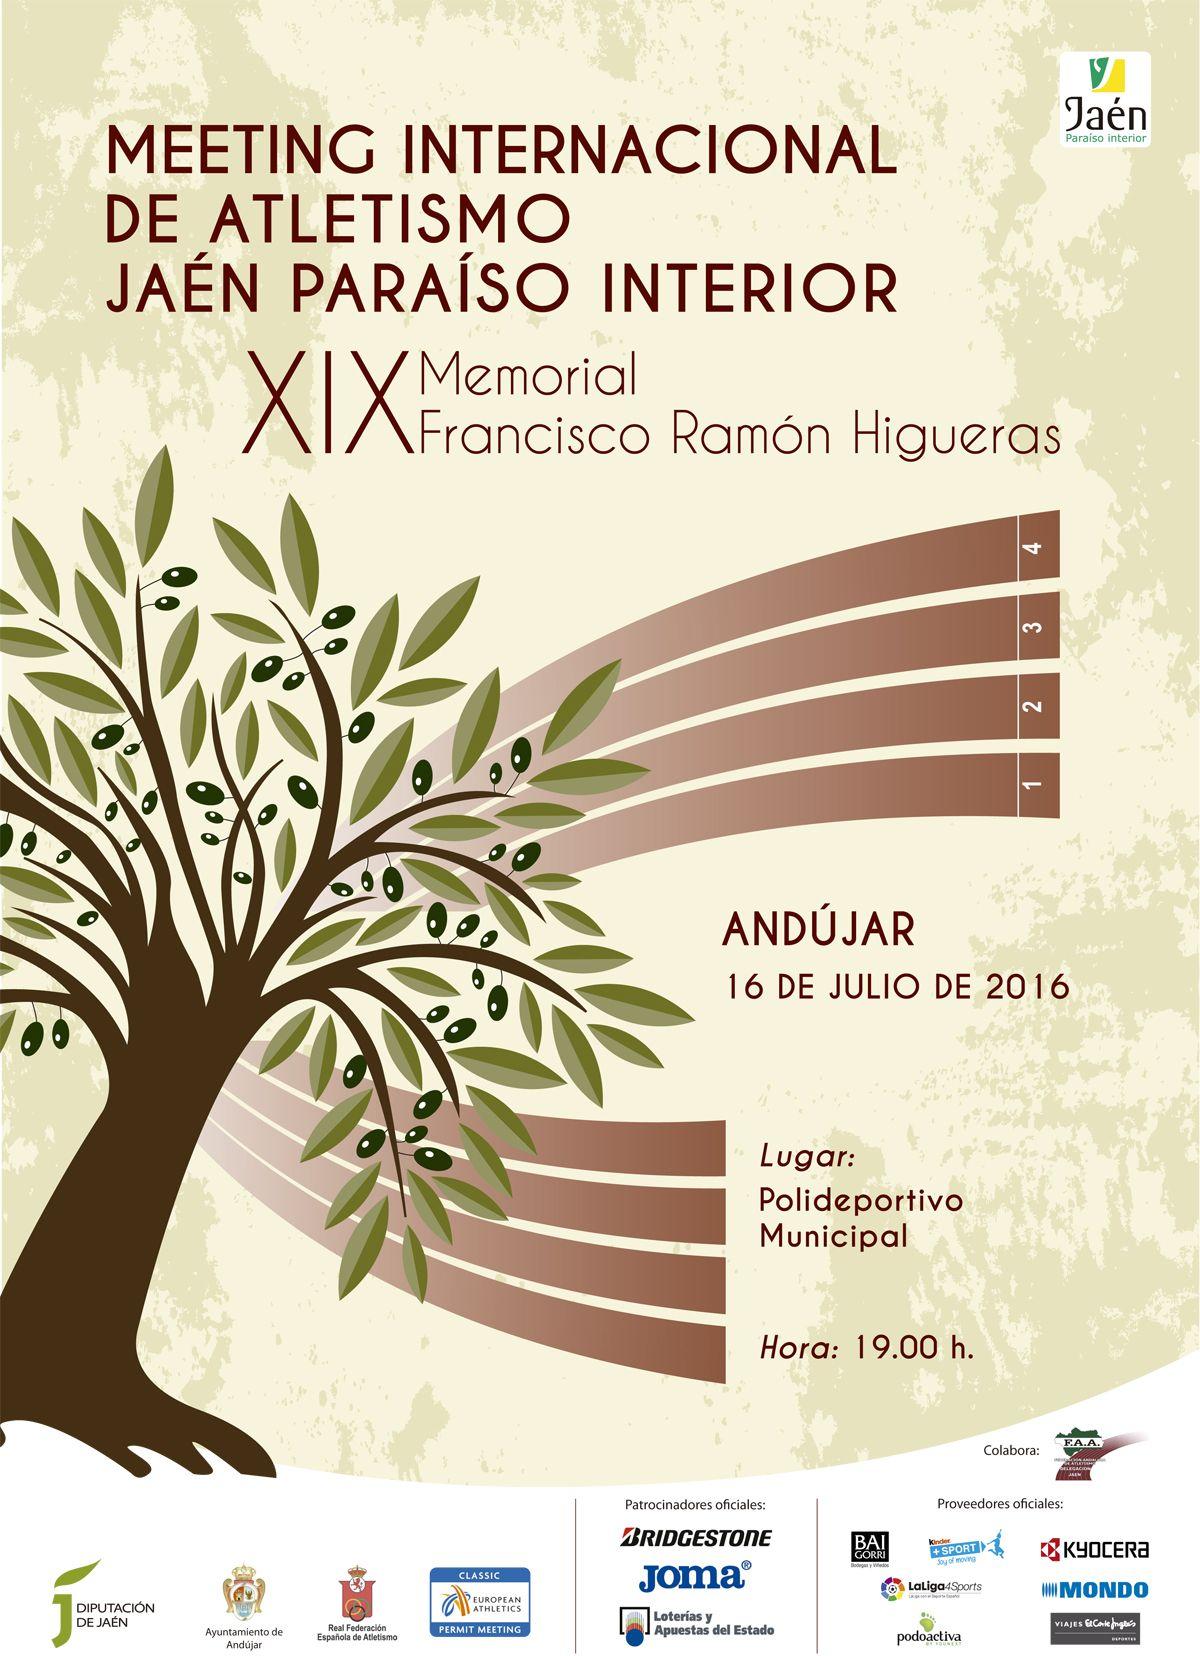 Cartel oficial del Meeting Internacional de Atletismo Jaén Paraíso Interior que se disputará en Andújar el 16 de julio.